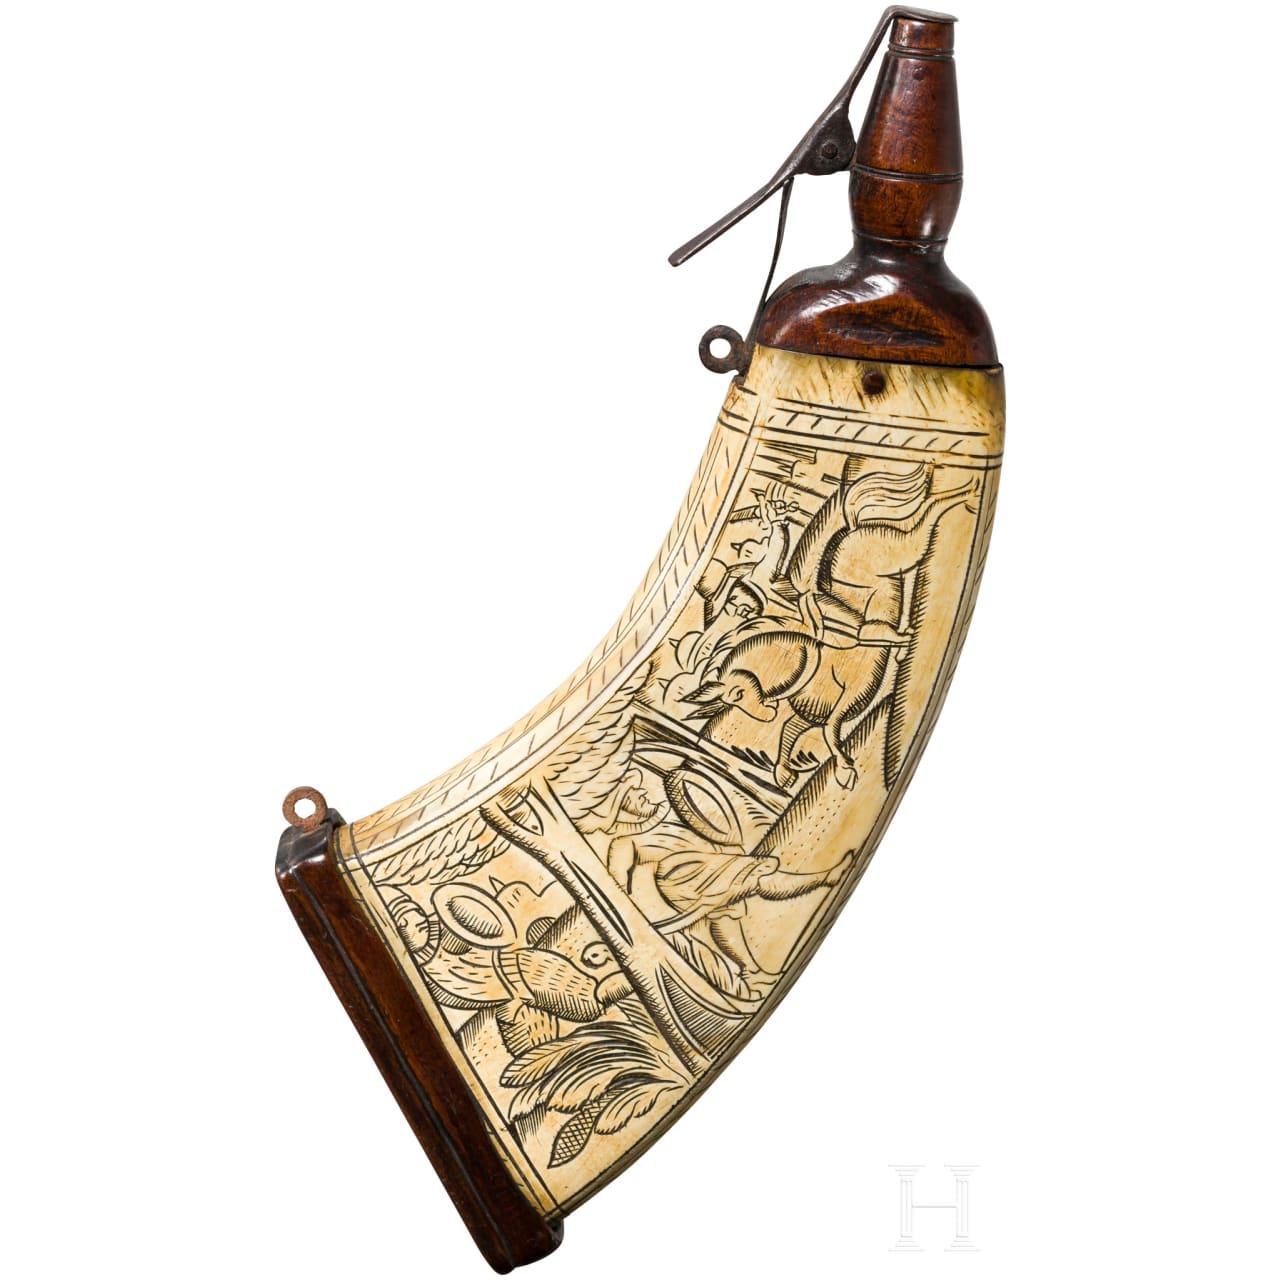 Musketier-Pulverflasche, deutsch, um 1600